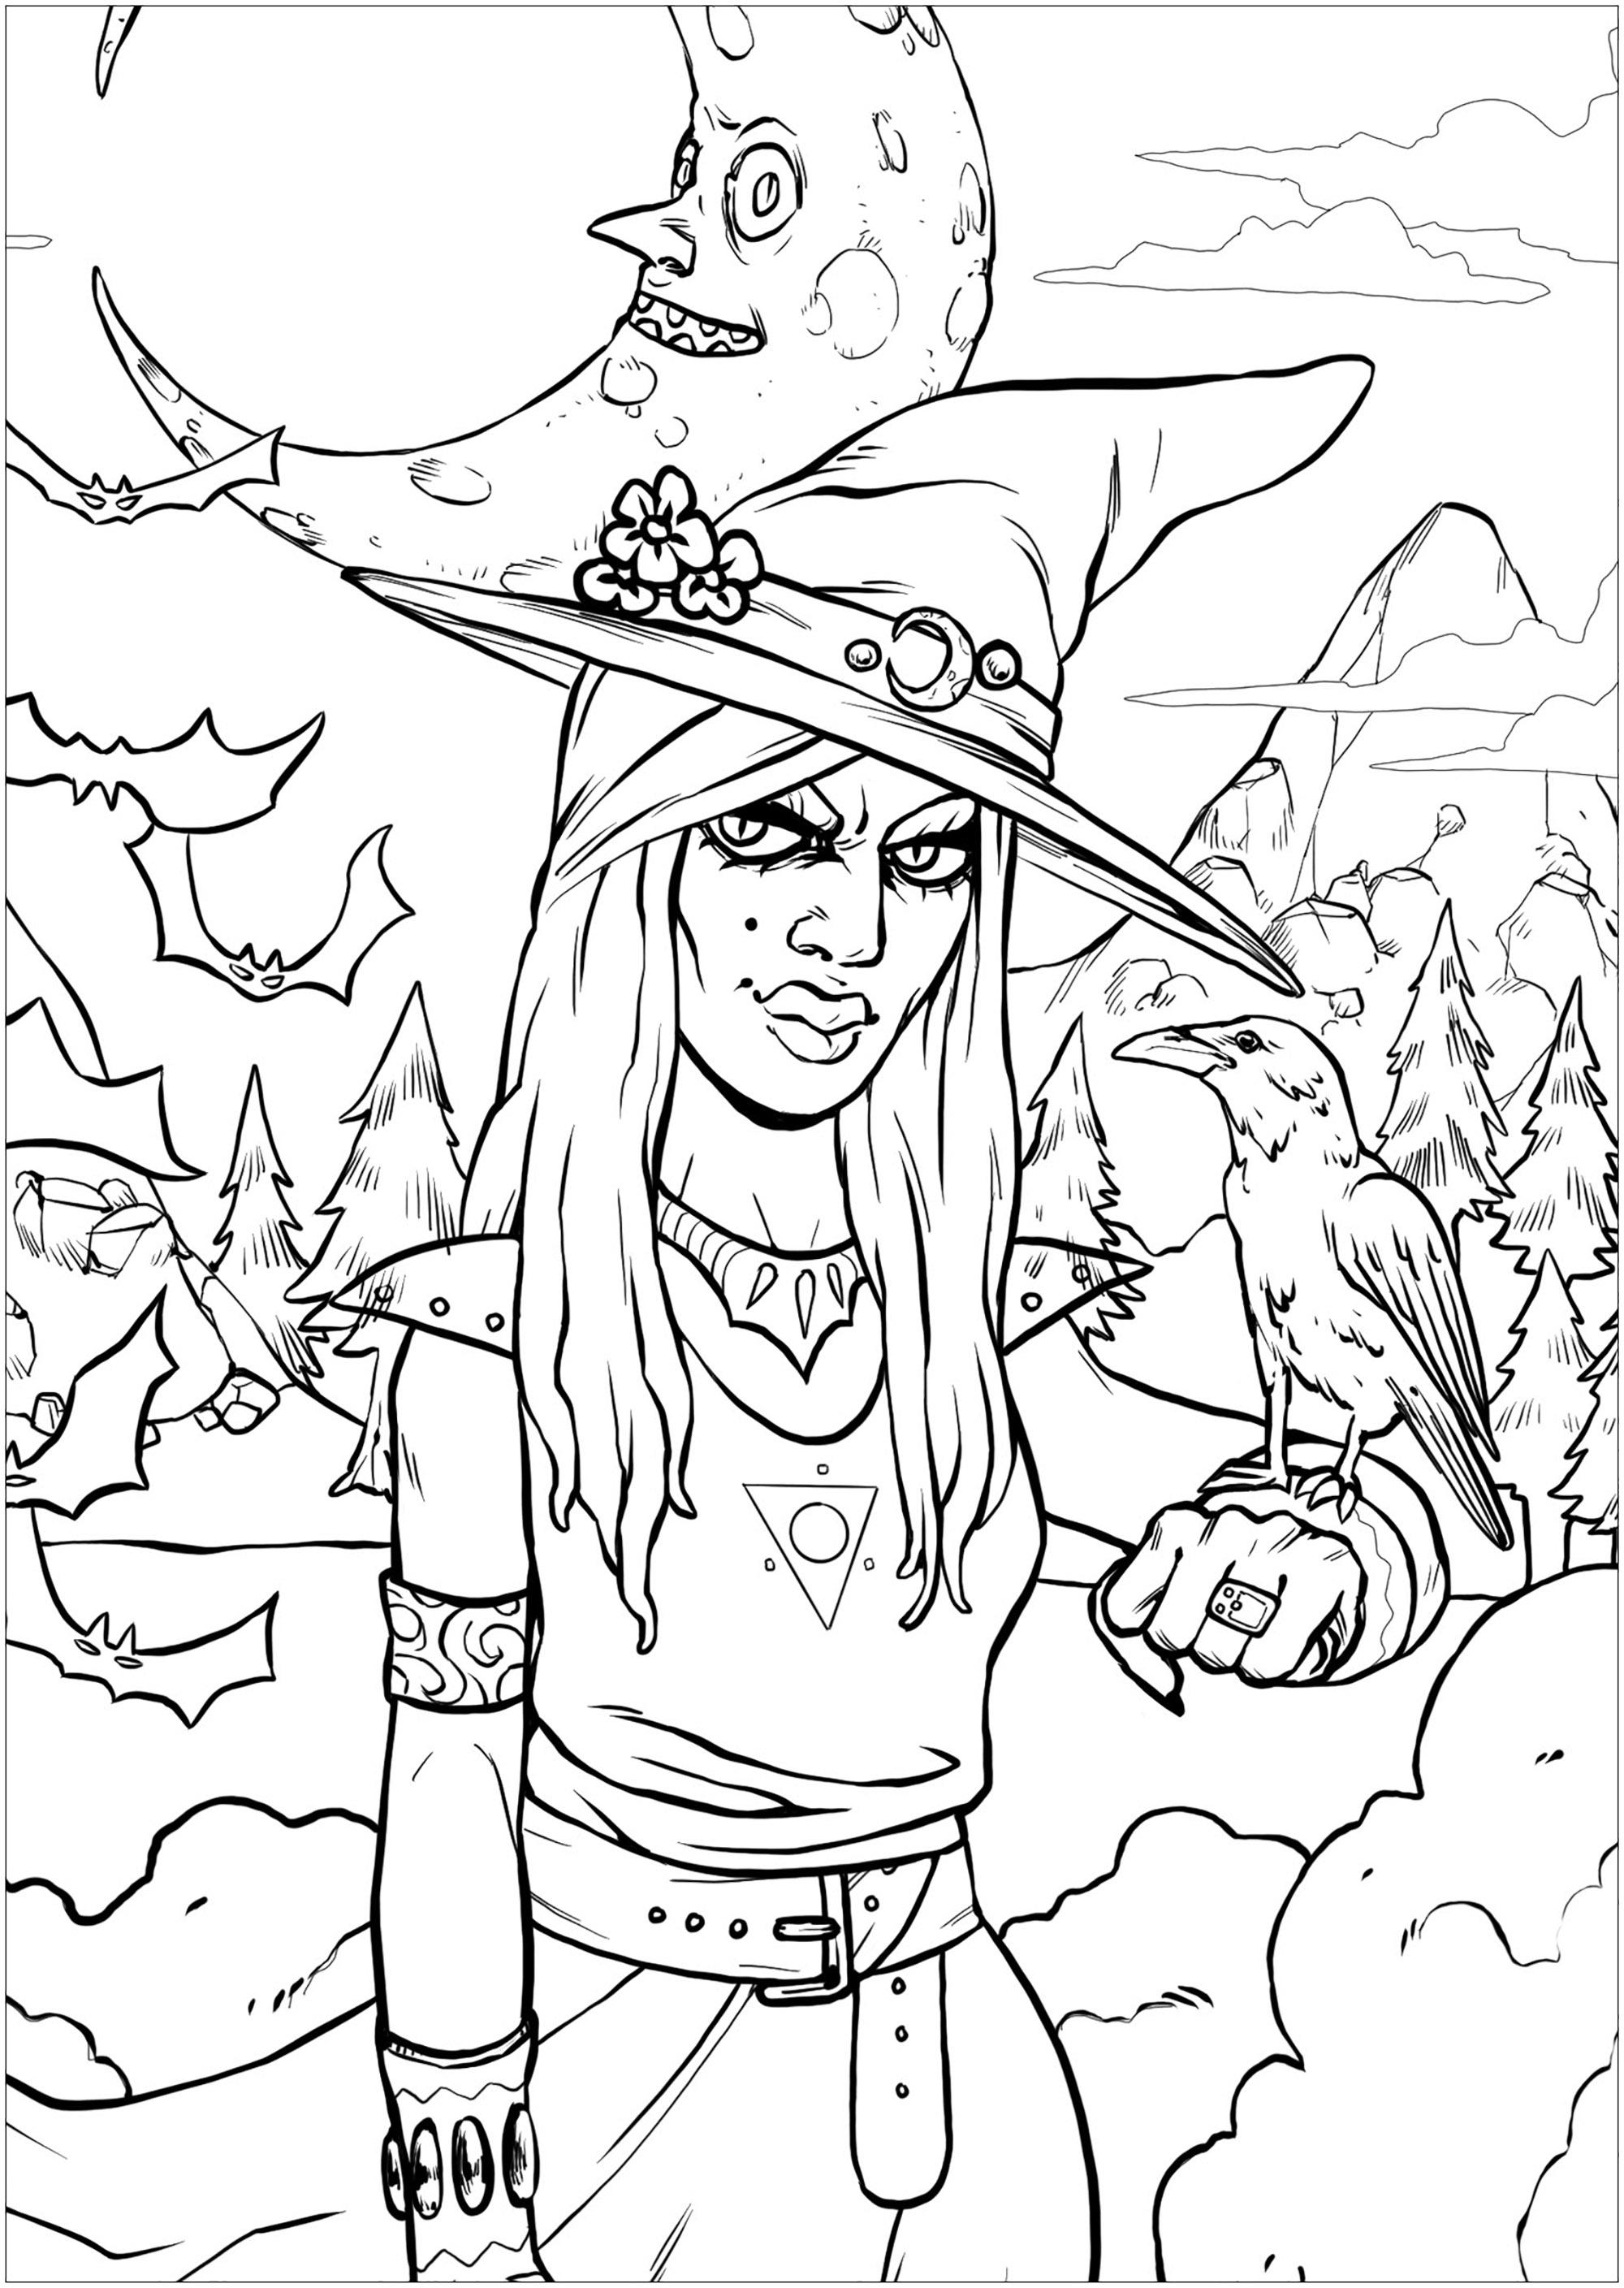 Une sorcière ensorcelante et son corbeau, dans un paysage menaçant - version cadre resserré